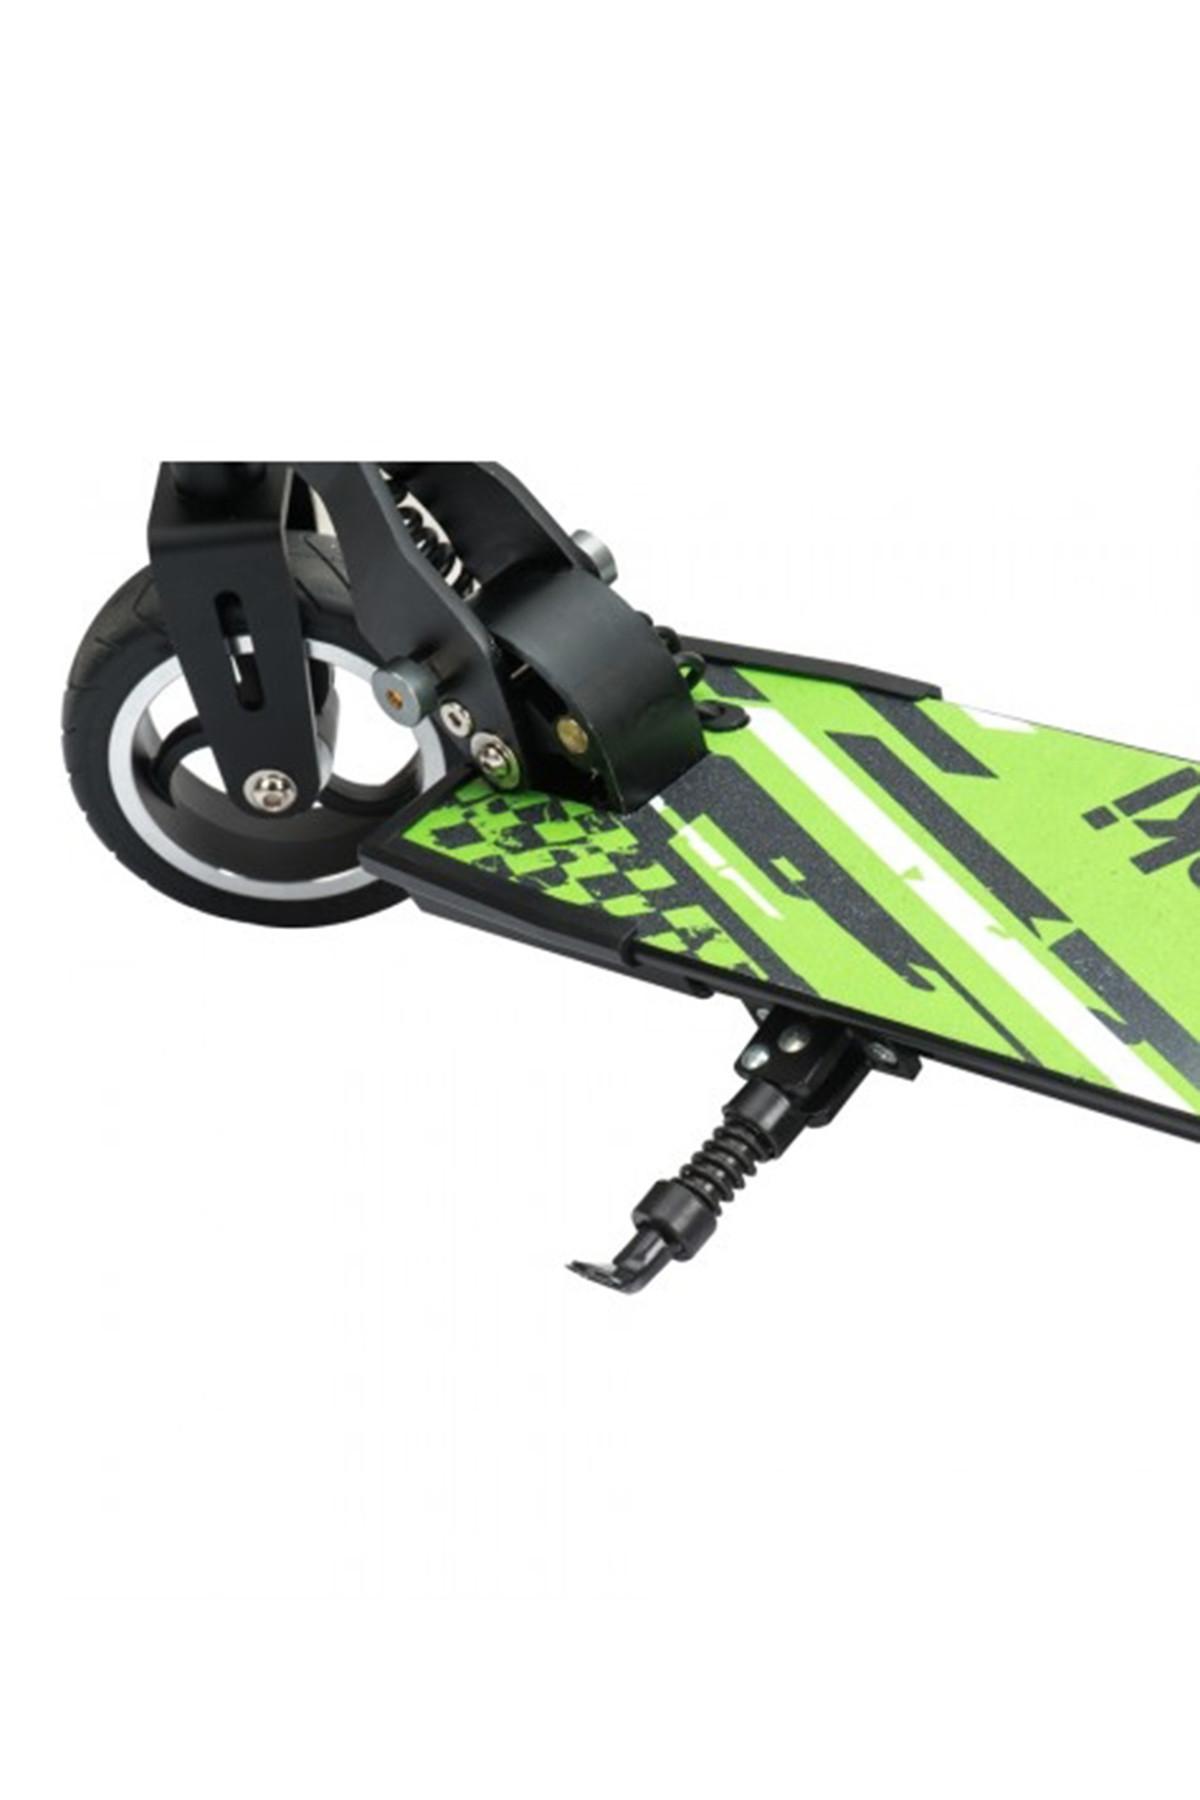 Kawasaki Kx-fs 5.5b Elektrikli Scooter